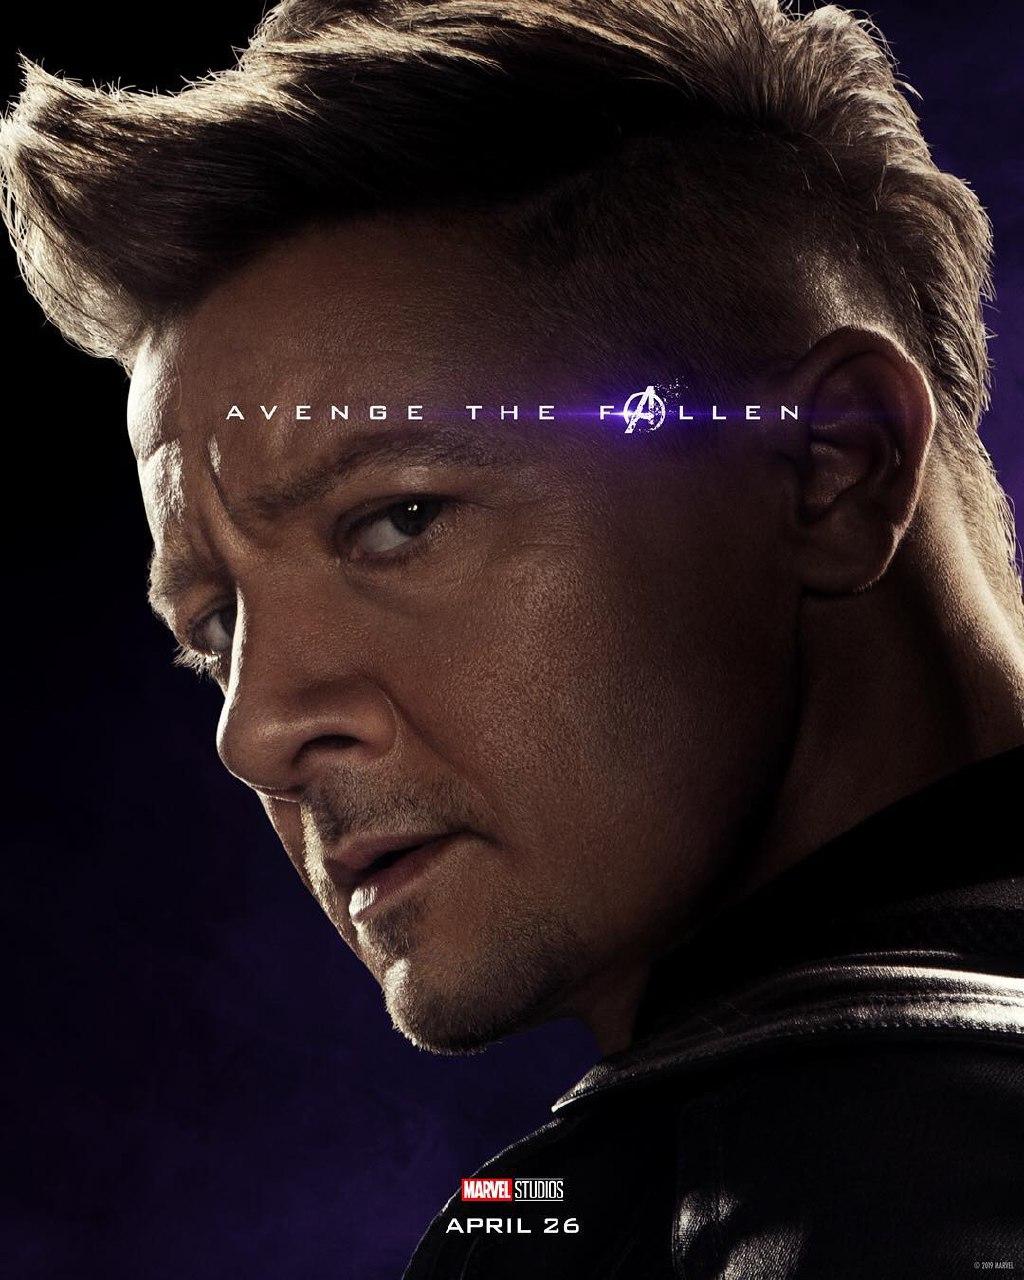 """Звезда """"Мстителей"""" попросил уменьшить размер алиментов из-за эпидемии коронавируса"""